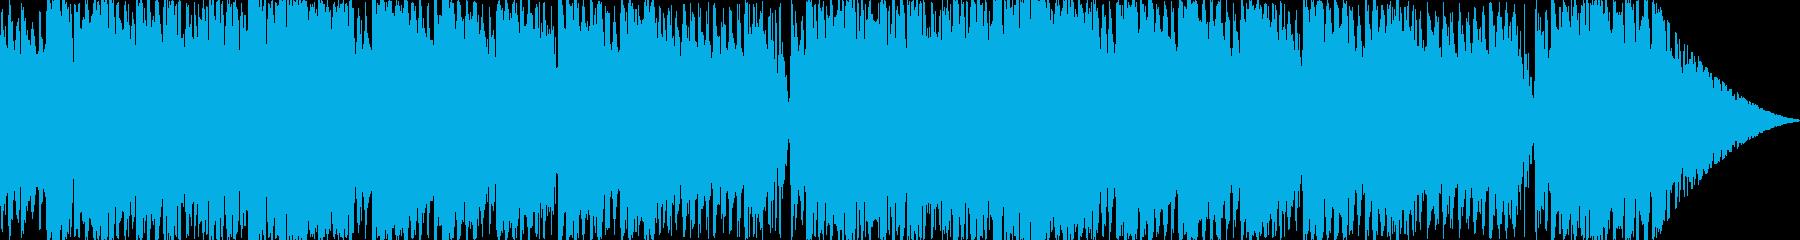 汎用性のある明るい雰囲気のBGMですの再生済みの波形